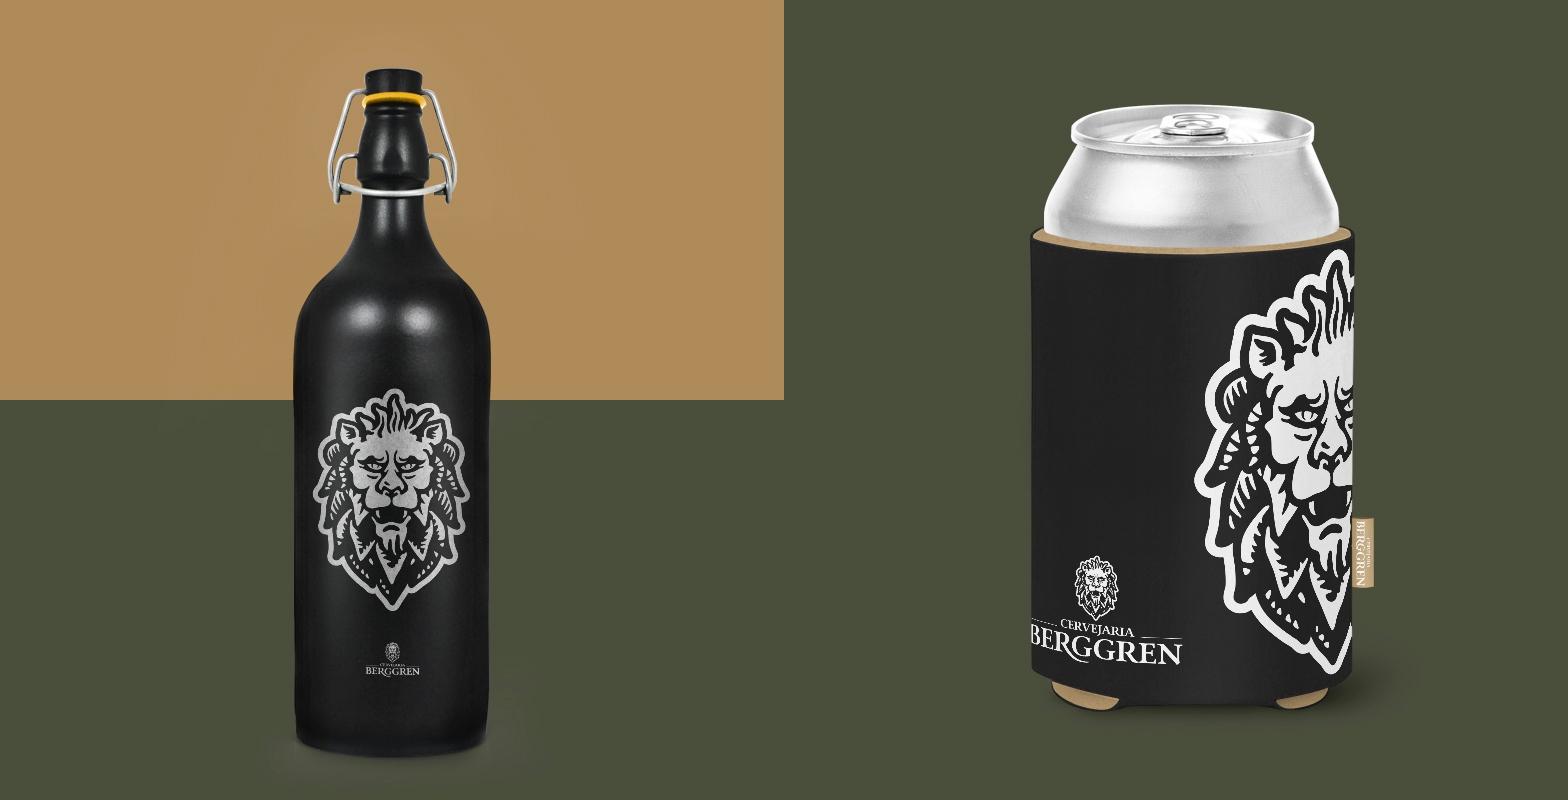 Berggren Bier - Identidade visual e Branding (8)